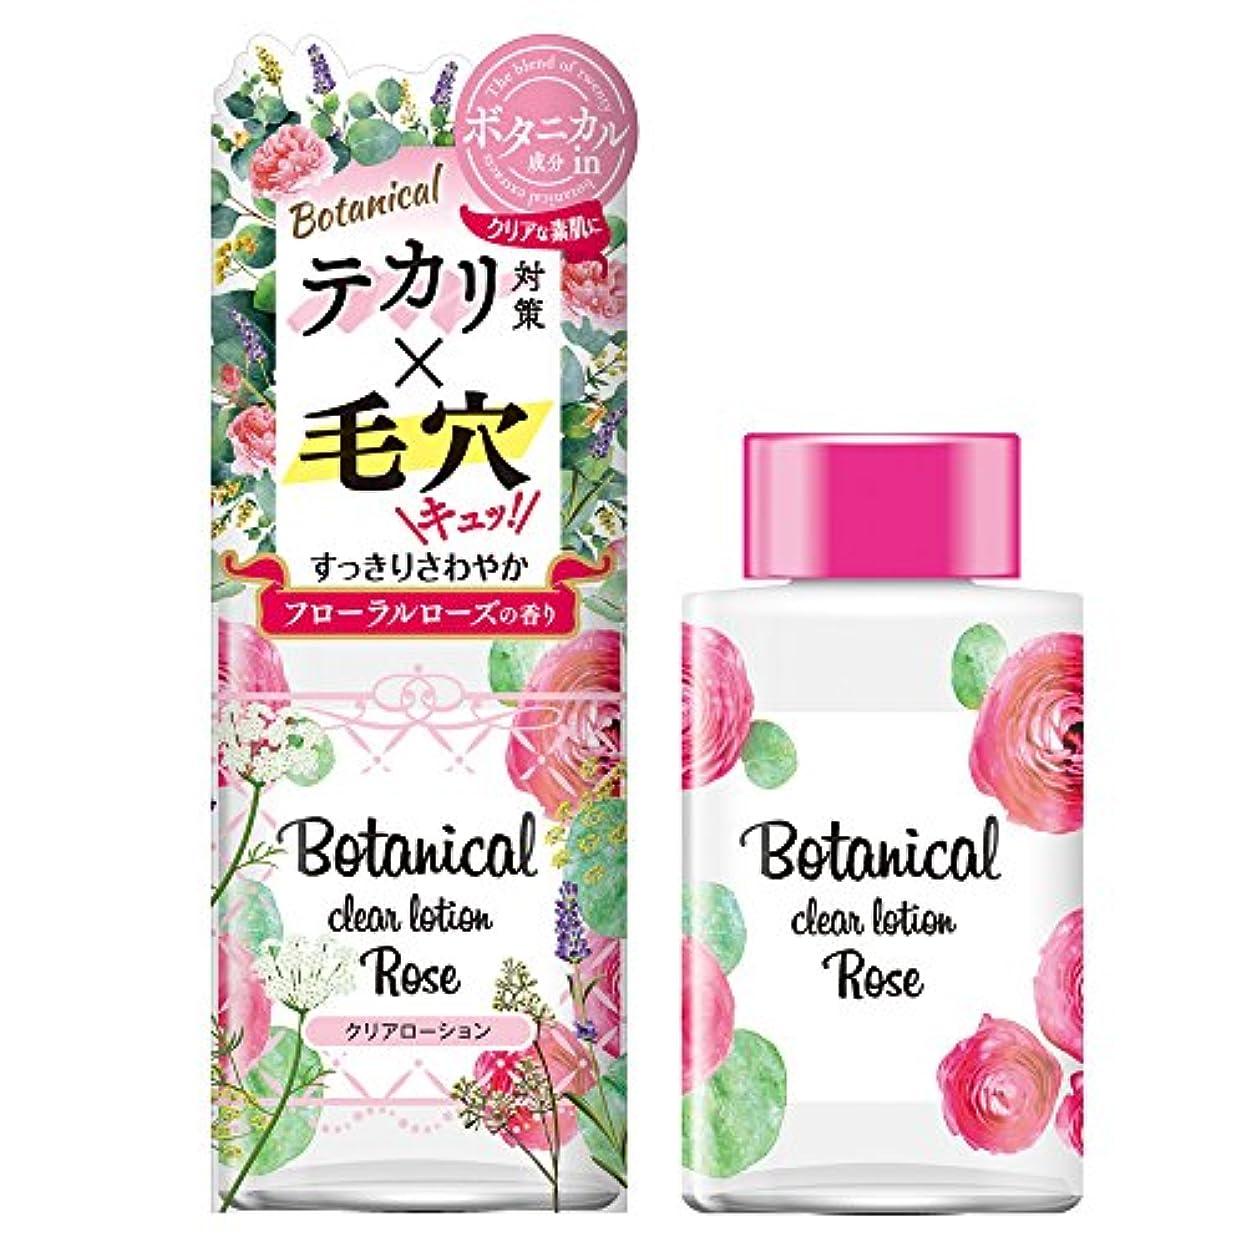 夏カラス手配するボタニカル クリアローション フローラルローズの香り